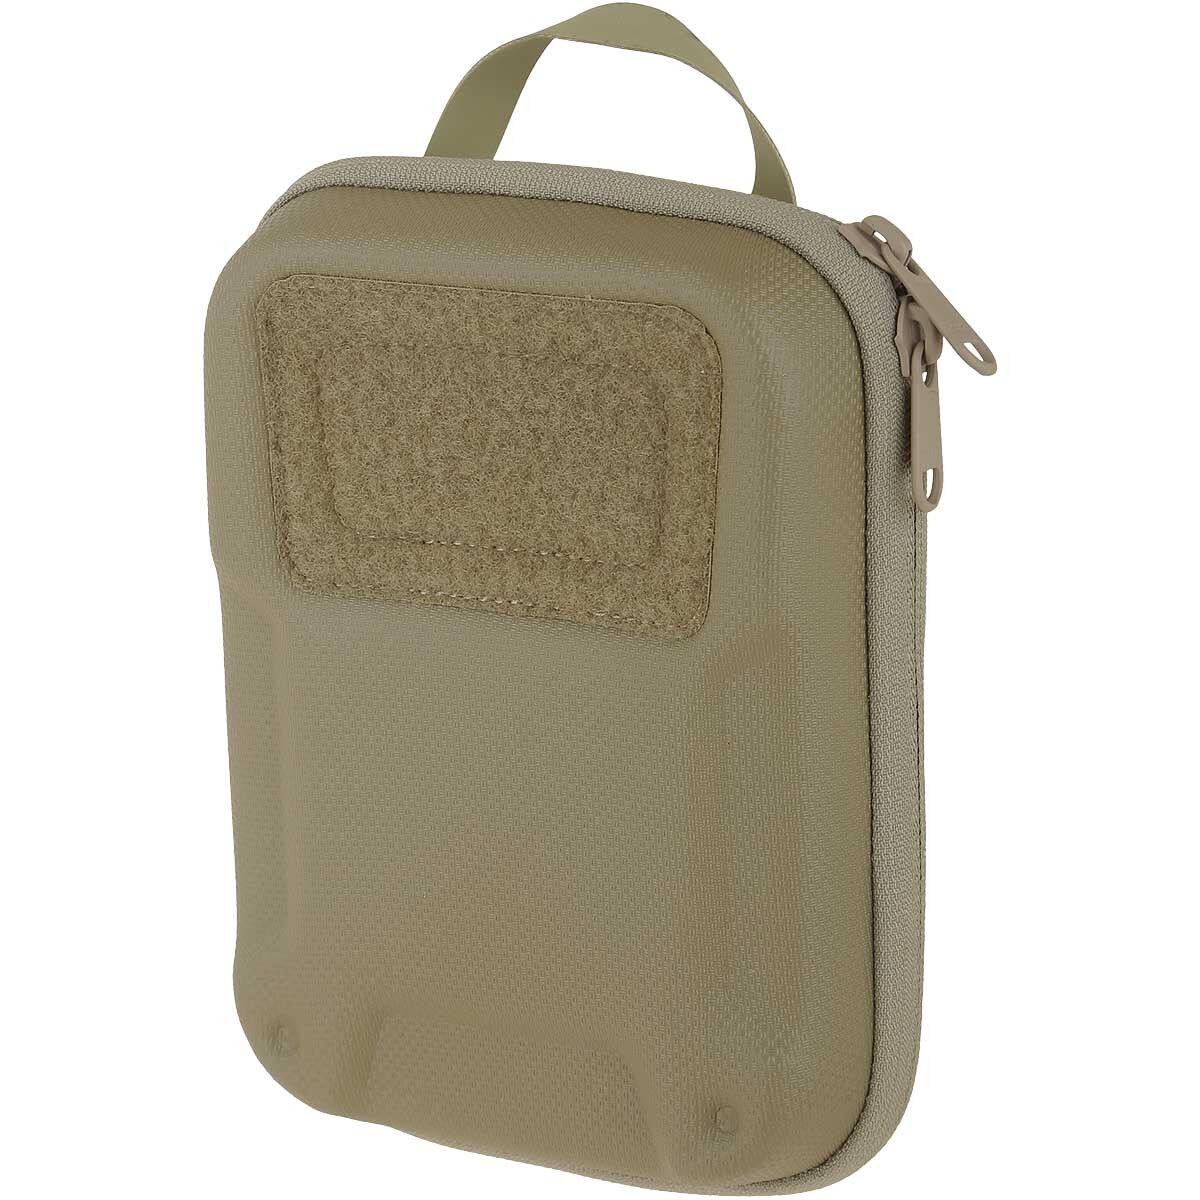 Maxpedizione Agr Giorni Organizzatore Militare Esagonale Sacchetto Tasca Tan